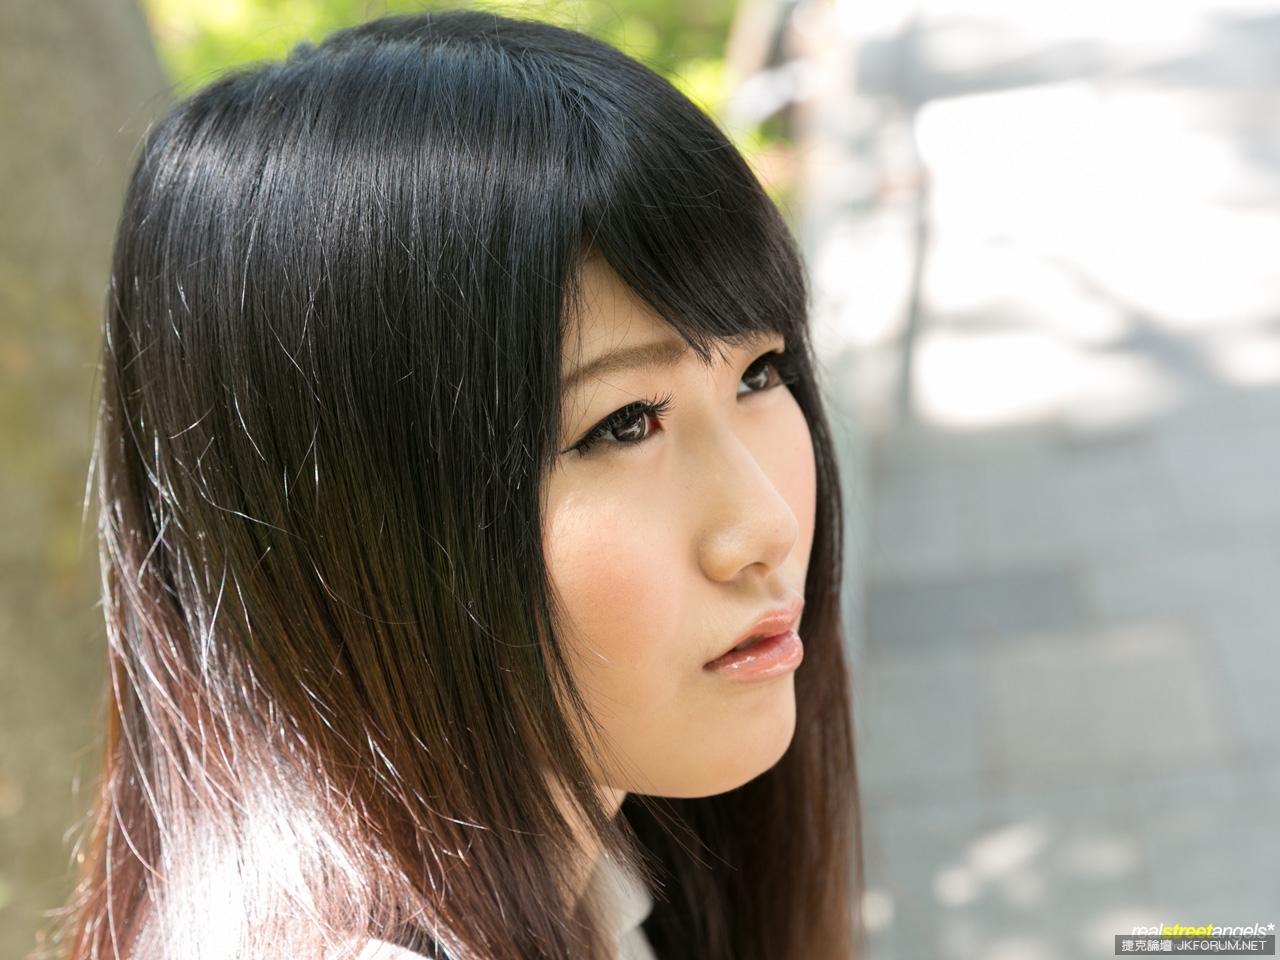 rara_rsa_002.jpg